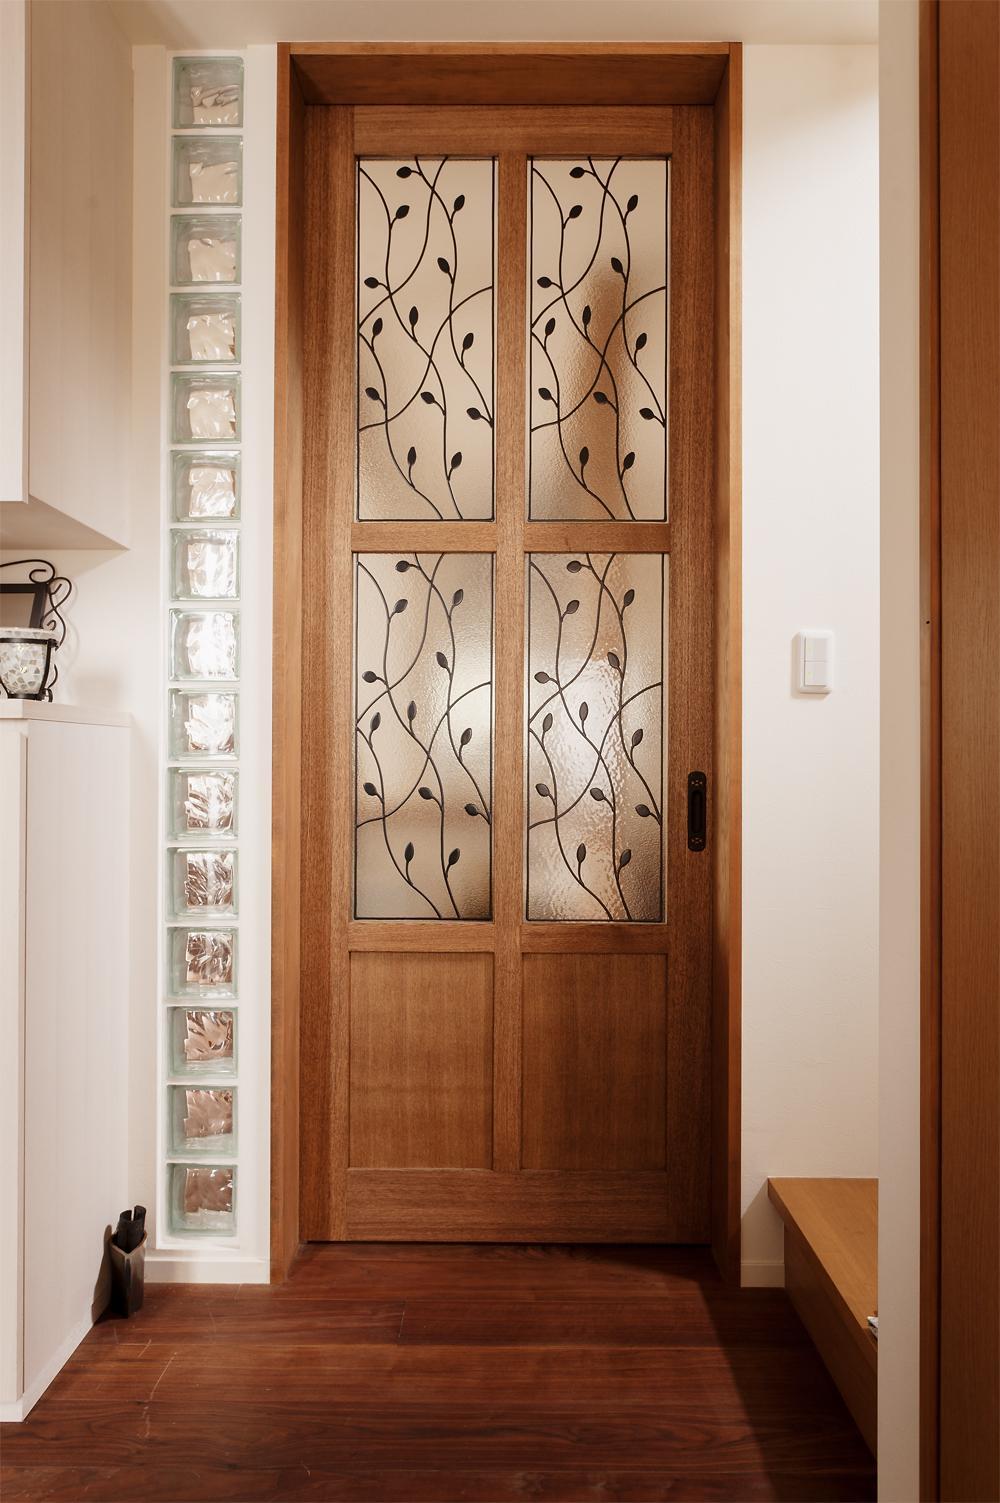 リフォーム・リノベーション会社:スタイル工房「S邸・家族の笑顔がつながるオープンキッチン」